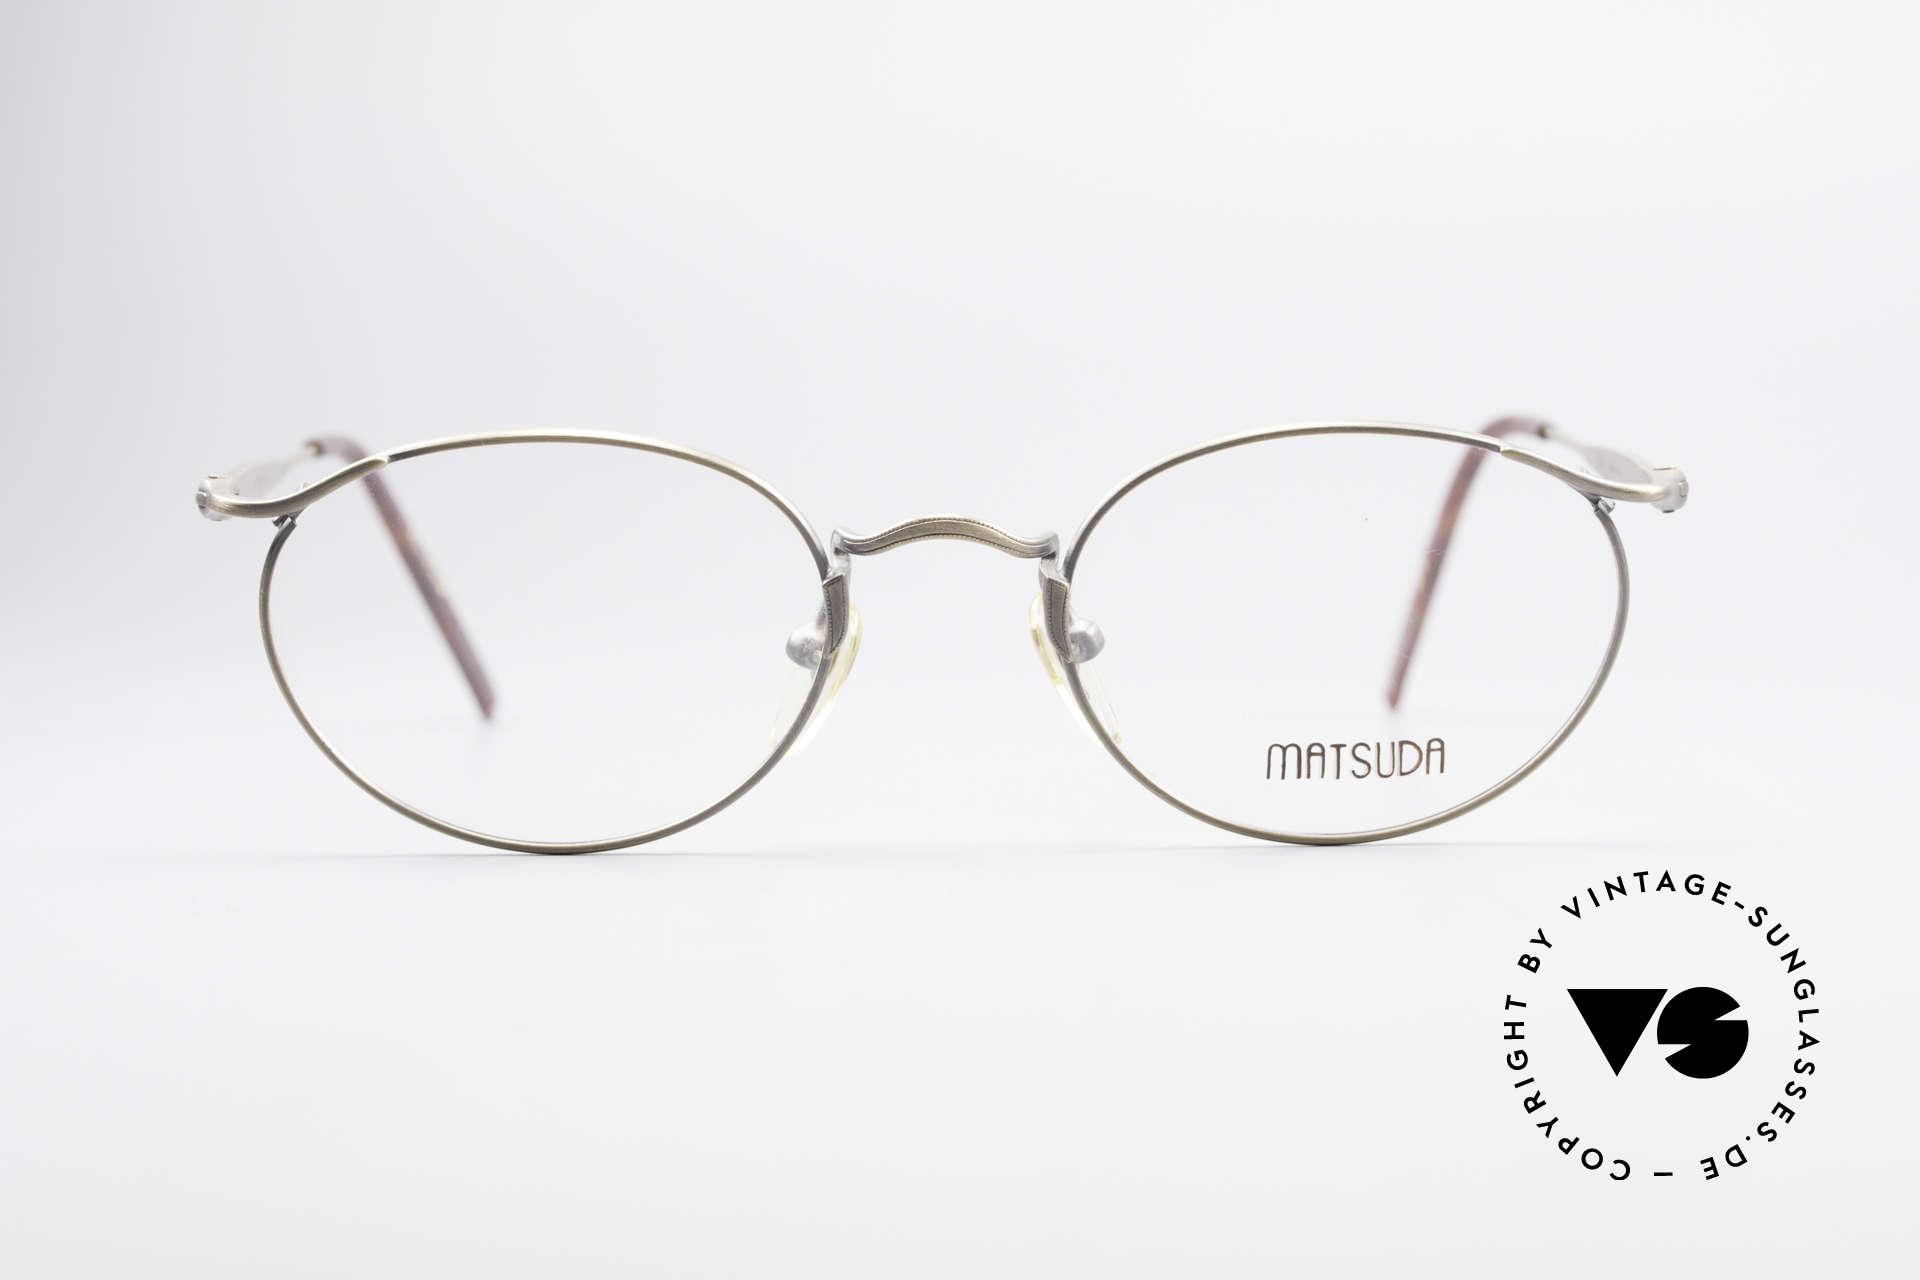 Matsuda 2853 Steampunk Vintage Brille, Größe: small, Passend für Herren